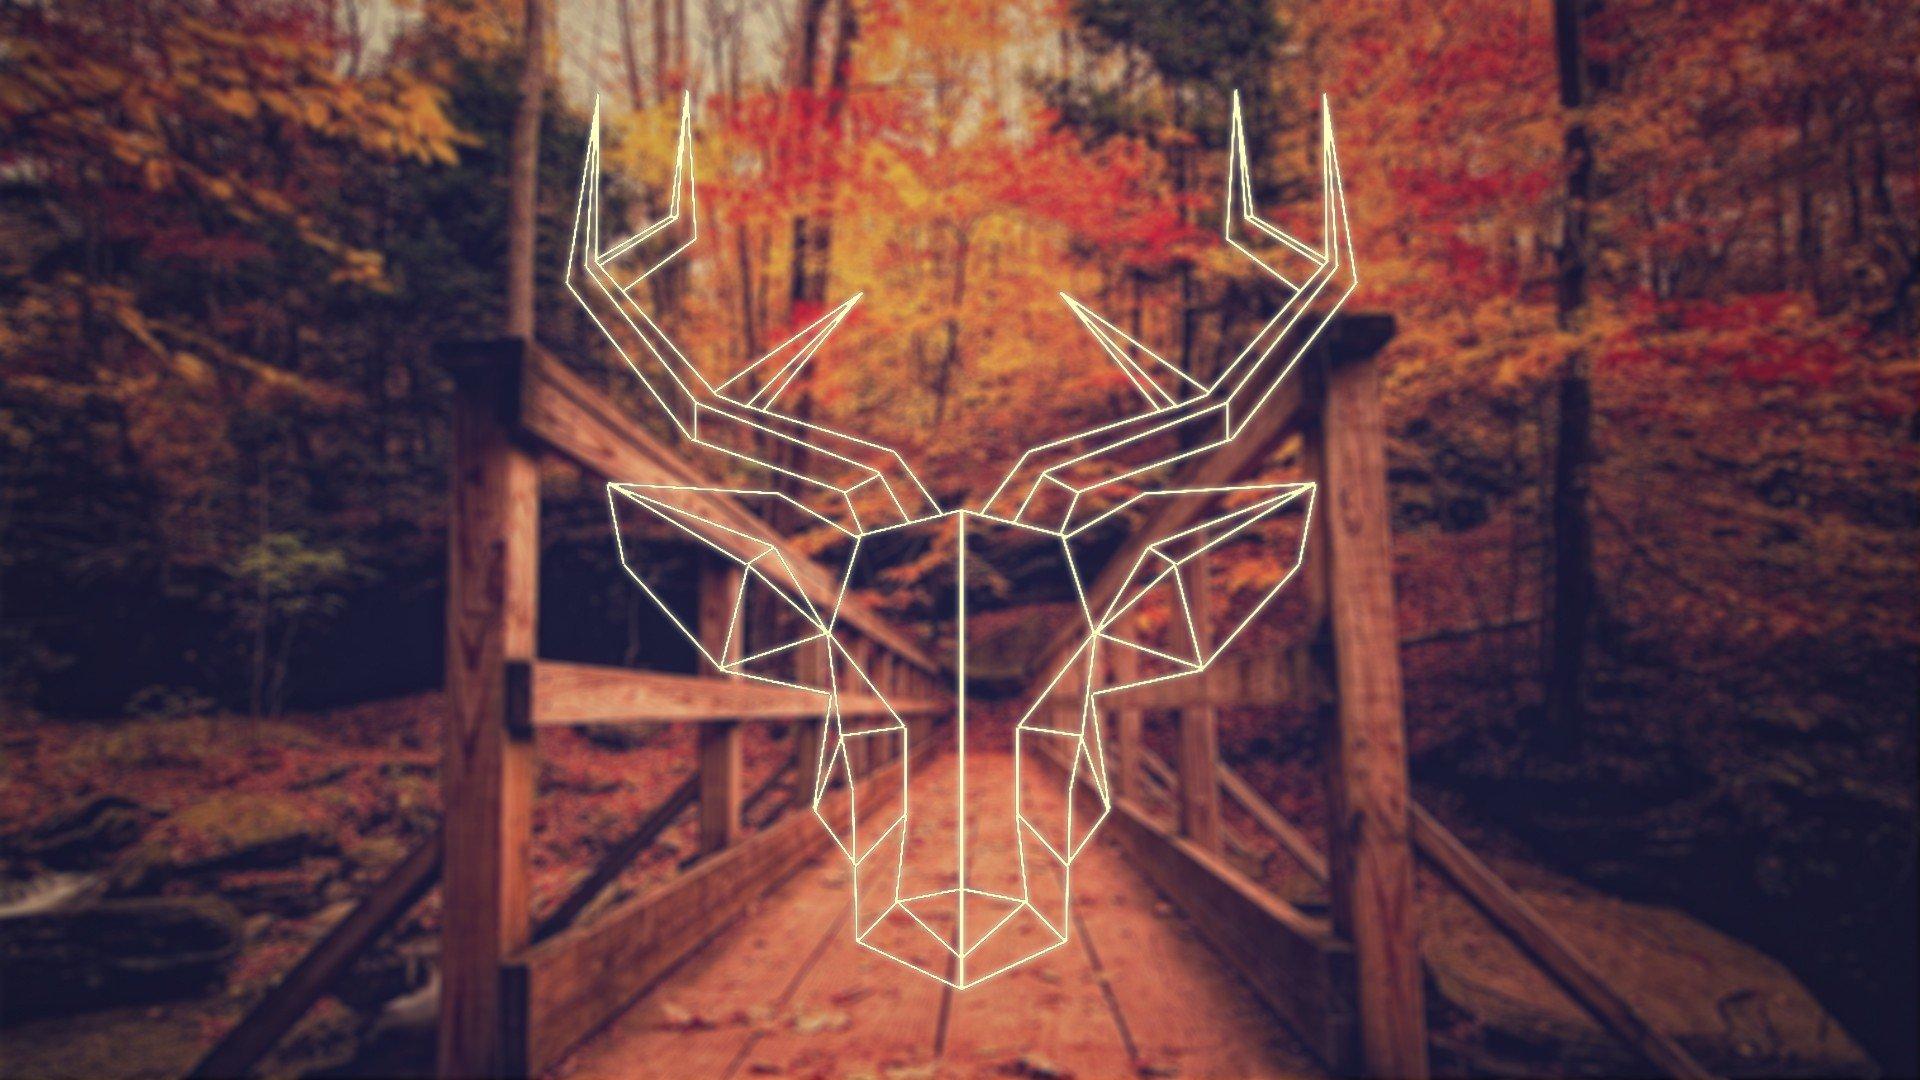 Desktop Wallpaper Fall Flowers Wallpaper 1920x1080 Px Deer Fall Hipster Photography